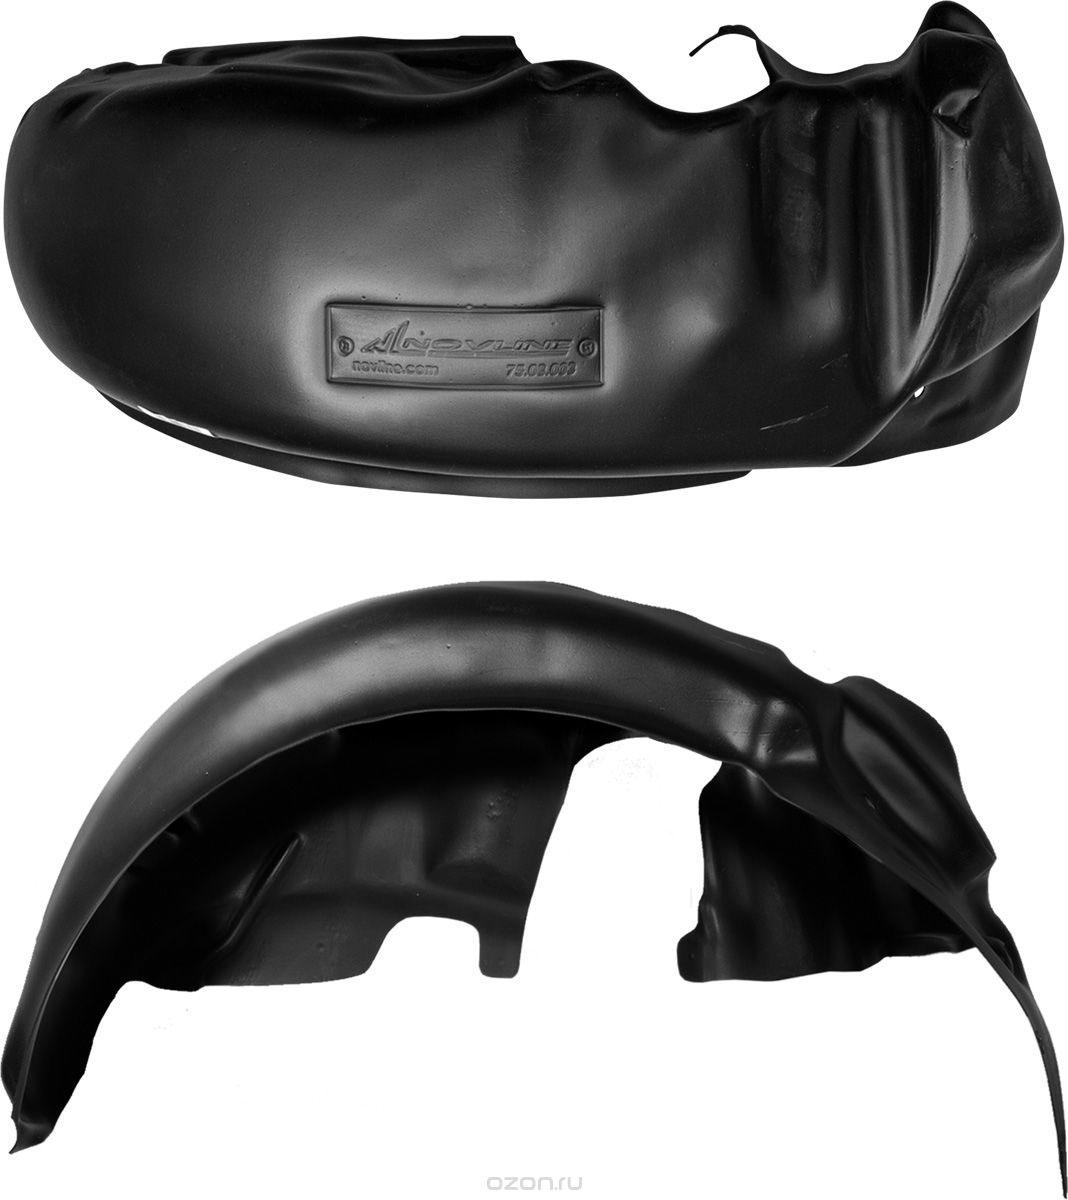 Подкрылок Novline-Autofamily, для Peugeot Boxer 08/2014->, с расширителями арок, передний левыйNLL.38.24.001Идеальная защита колесной ниши. Локеры разработаны с применением цифровых технологий, гарантируют максимальную повторяемость поверхности арки. Изделия устанавливаются без нарушения лакокрасочного покрытия автомобиля, каждый подкрылок комплектуется крепежом. Уважаемые клиенты, обращаем ваше внимание, что фотографии на подкрылки универсальные и не отражают реальную форму изделия. При этом само изделие идет точно под размер указанного автомобиля.